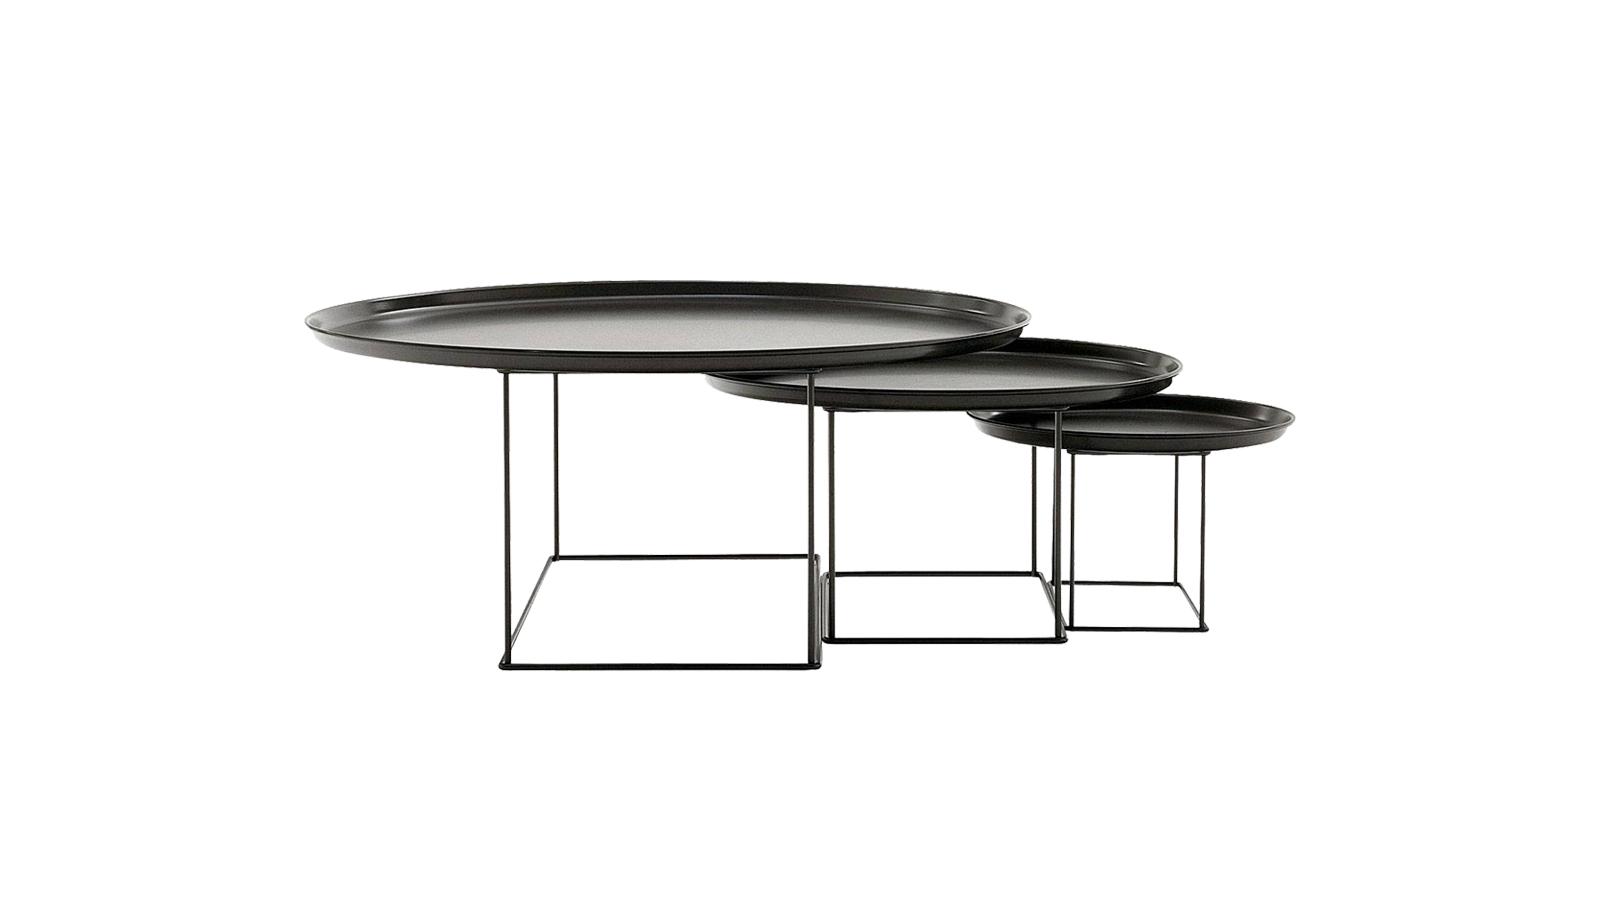 Egyértelműen a keleti esztétika tör felszínre a Fat-Fat asztalban. A tálcaszerű asztallap és a geometrikus vázszerkezet kellemes összhangban van egymással. Önmagában, valamint hármas kiszerelésben is kapható, elemei pedig egymás alá csúsztathatók.